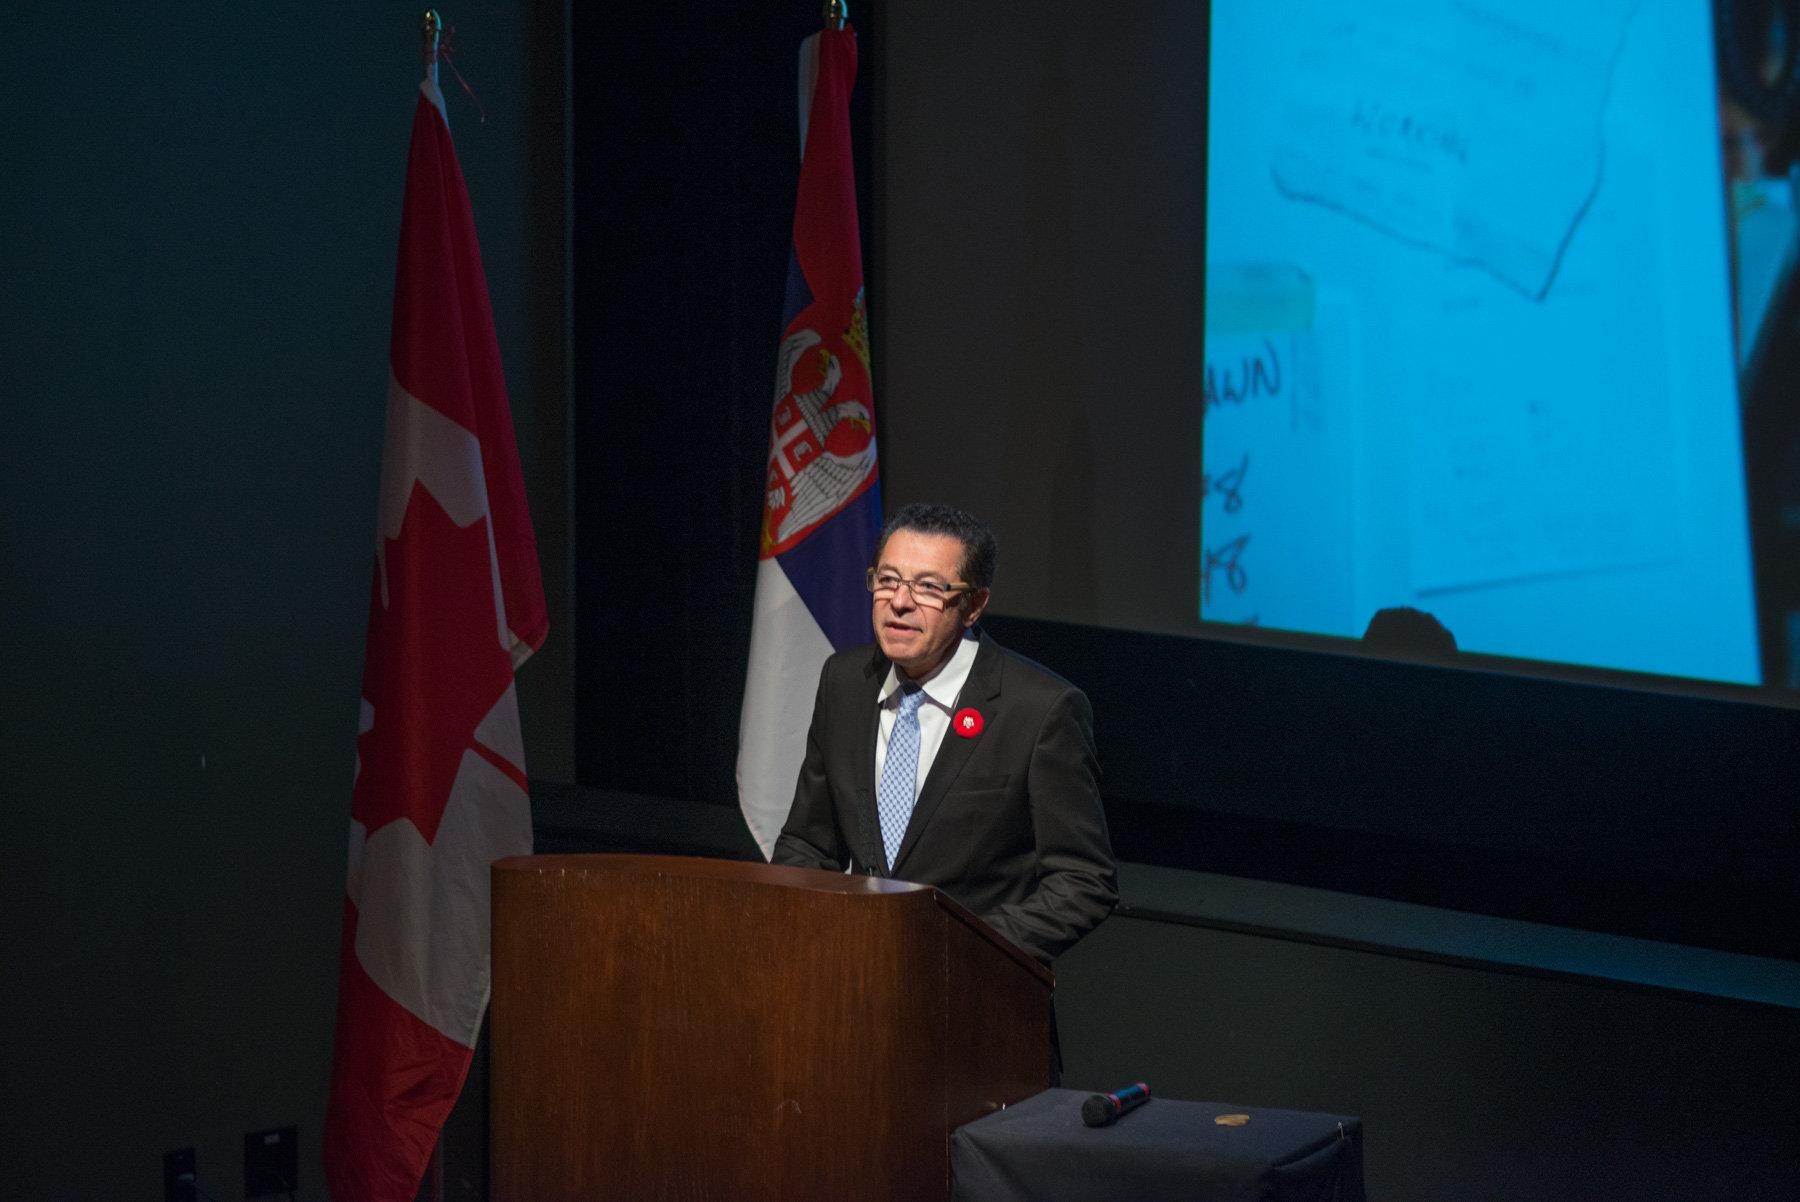 Održan jubilarni festival srpskog filma u Vankuveru